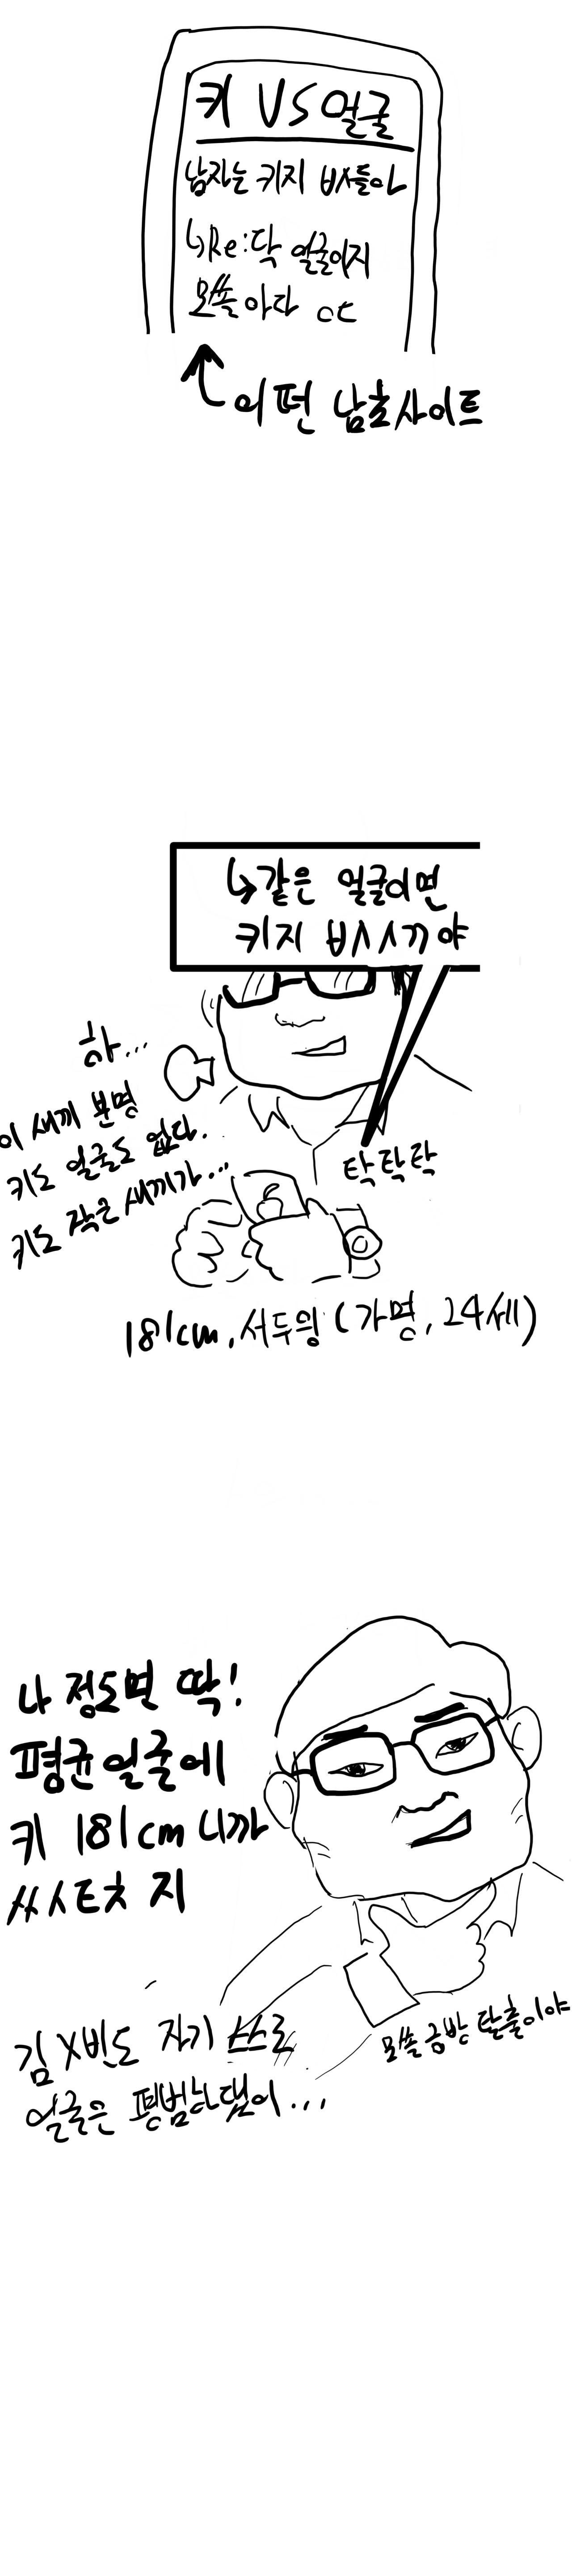 8FABE041-20F5-4EC9-87D2-3912FF95433A.png ㅎㅂ) 키 vs 얼굴로 싸우는 만화.manhwa